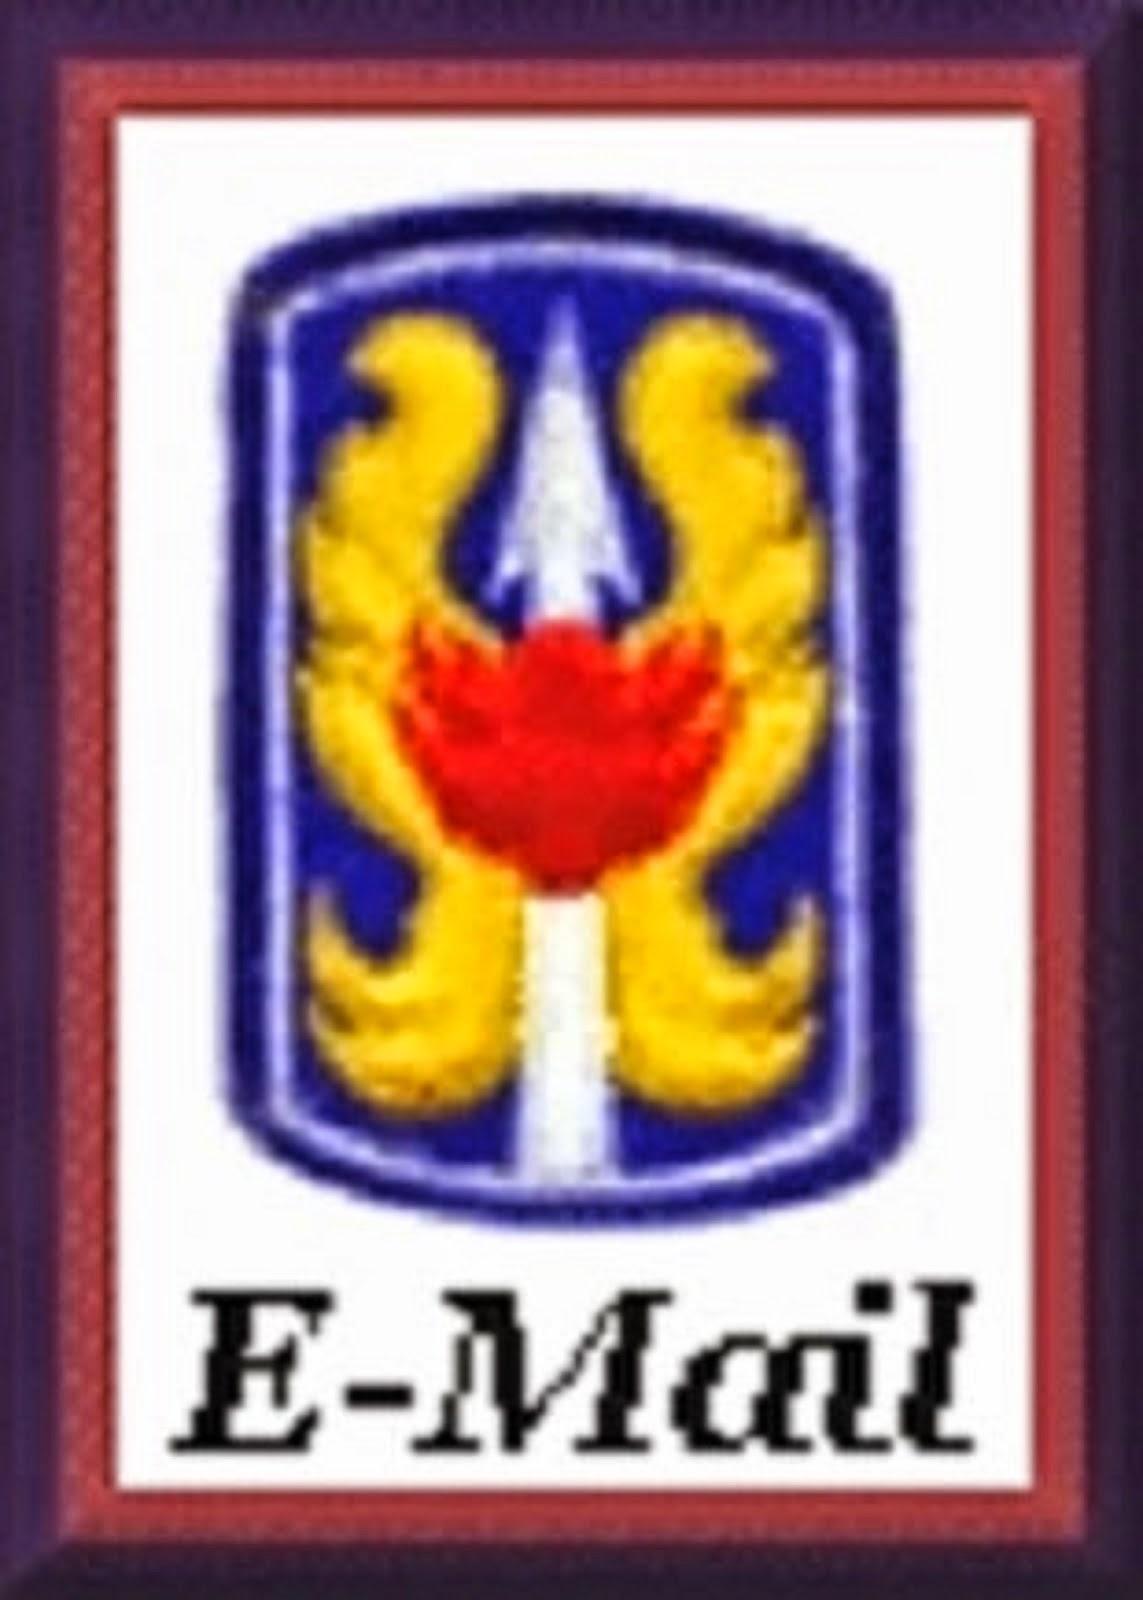 199th LIB - E-MAIL